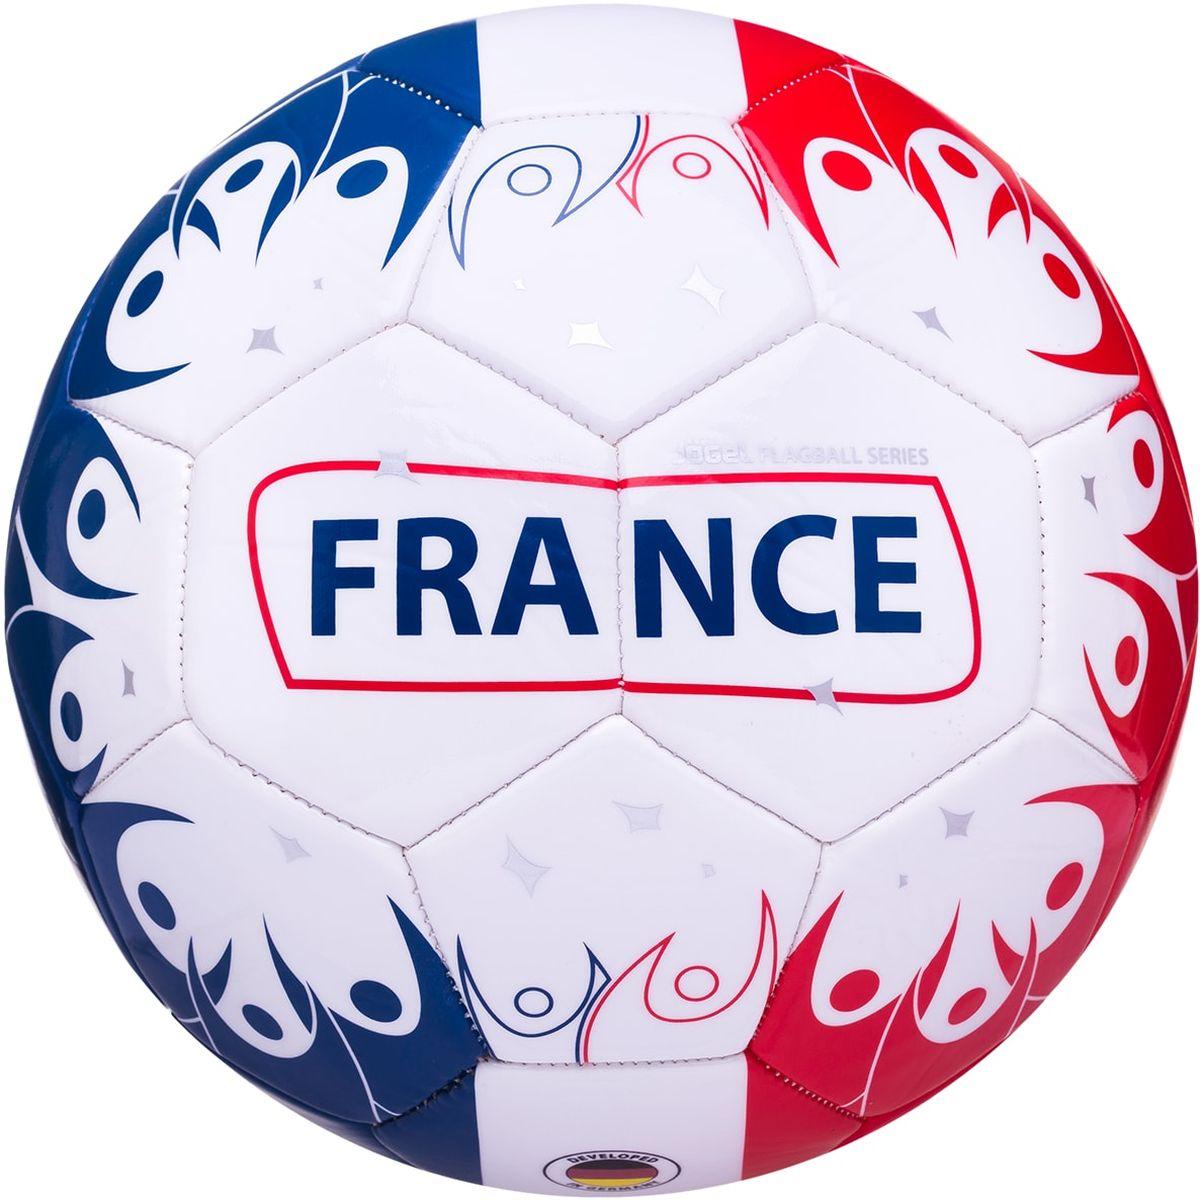 Мяч футбольный Jogel France, цвет: белый, красный, синий. Размер 5 мячи спортивные jogel мяч баскетбольный jogel jb 300 6